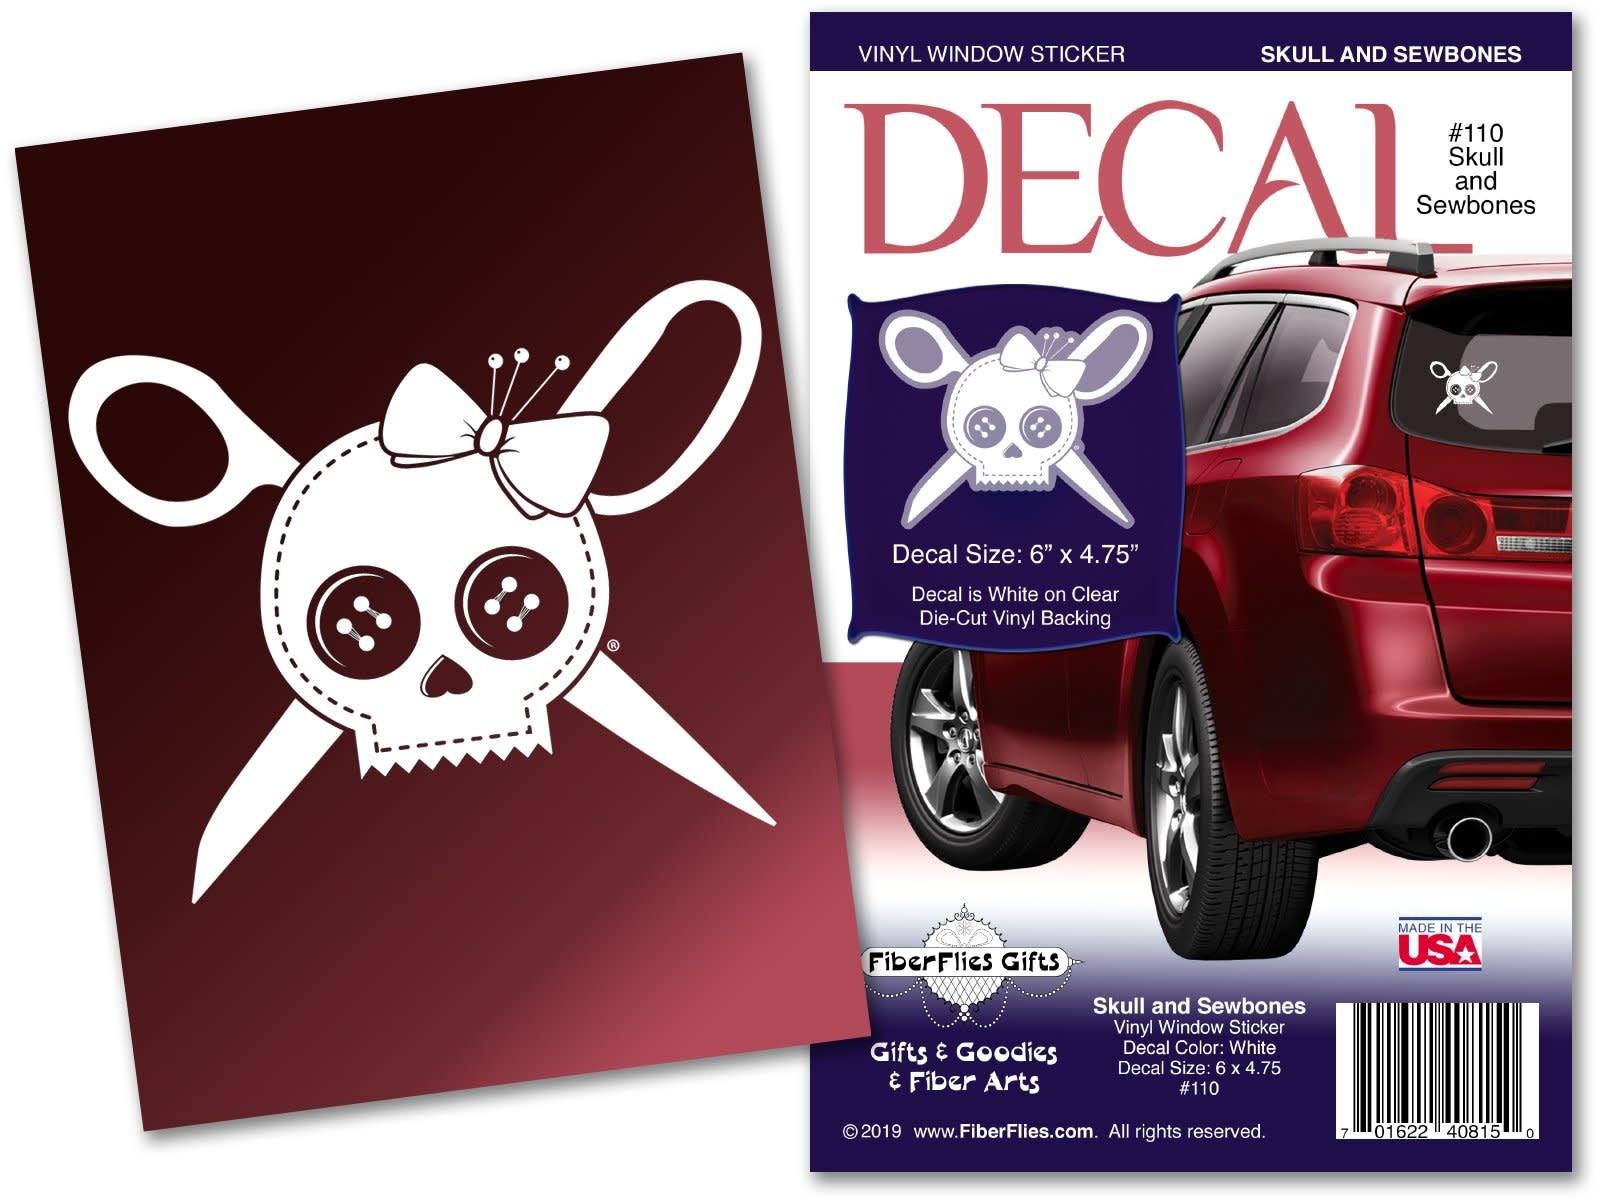 Fiber Flies Gifts Vinyl Window Decal Skulls and Sewbones